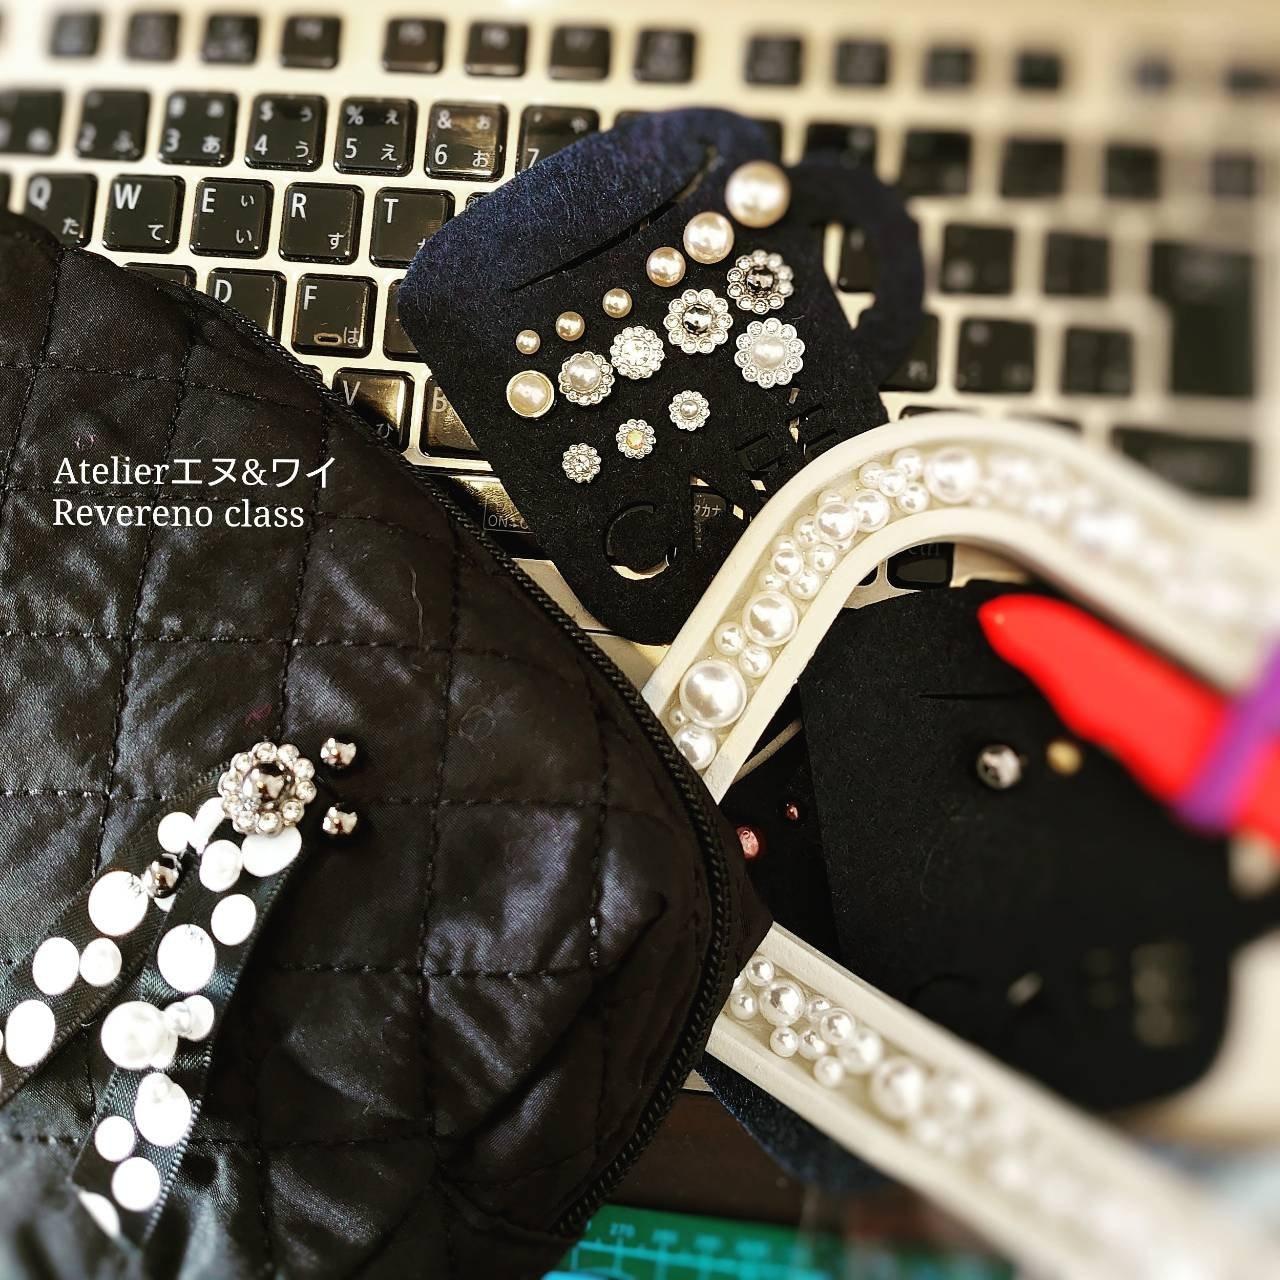 パールパーツ簡単装着 リベリーノ ライセンス レッスン プラチナのイメージその1